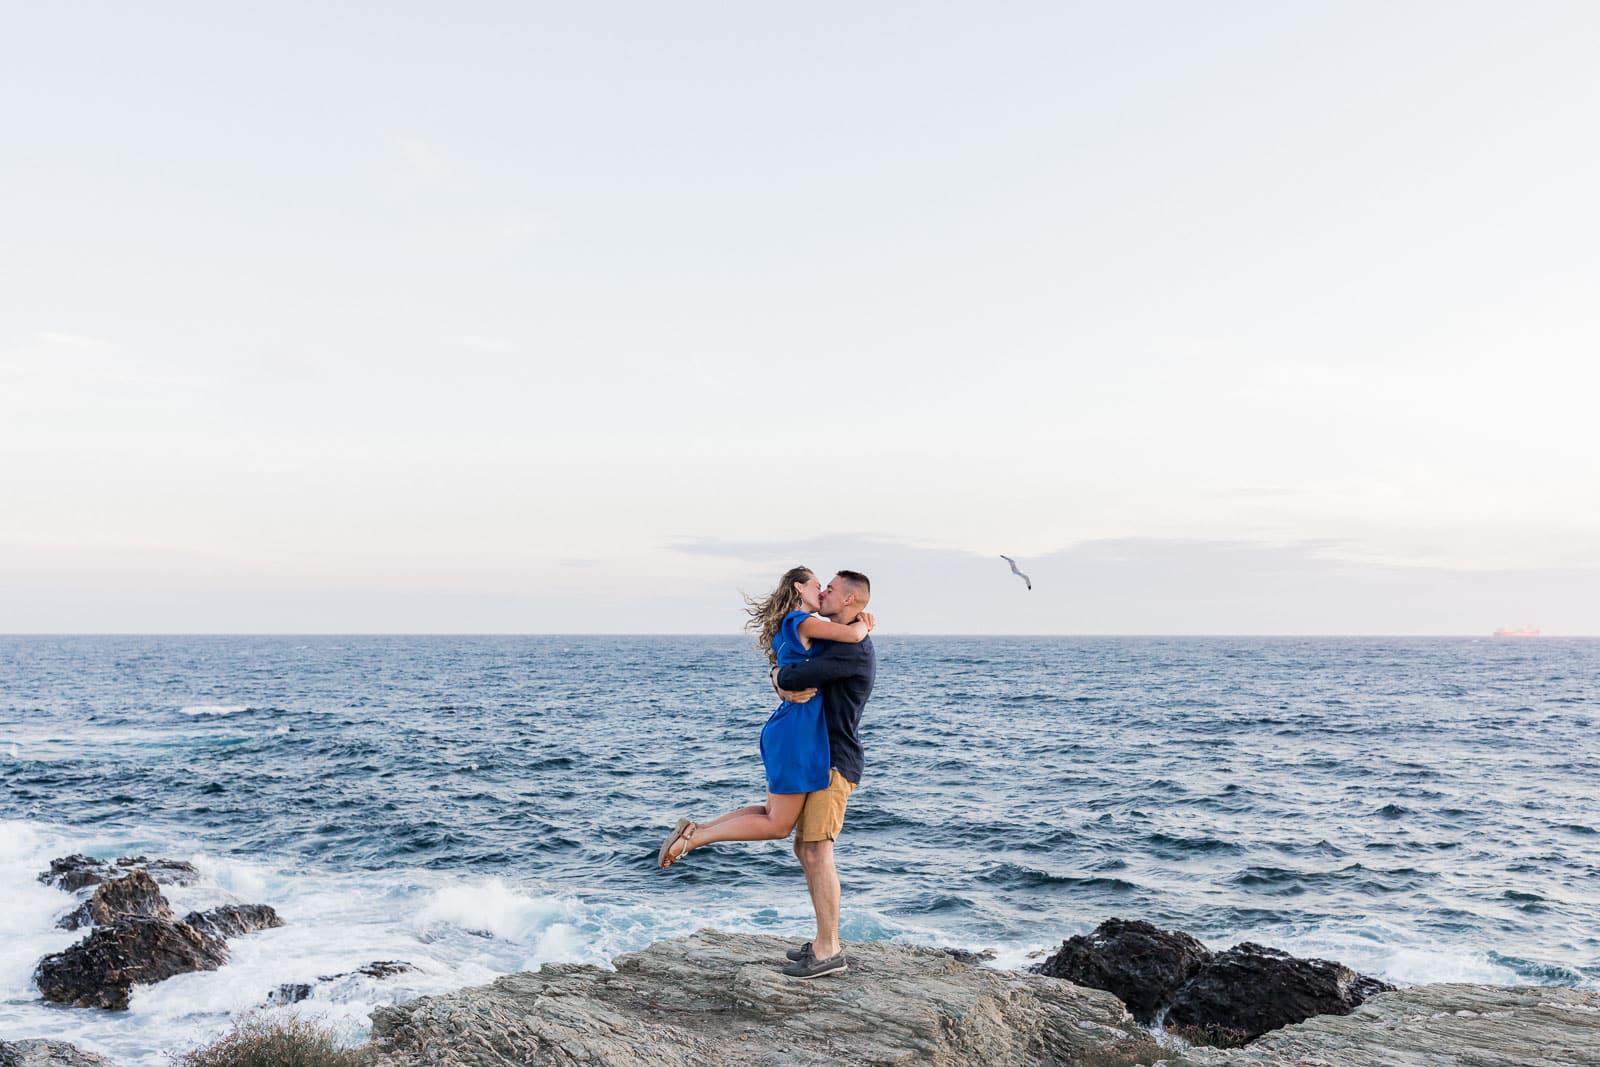 Photographie de Mathieu Dété, photographe de mariage à La Réunion 974, présentant des conseils pour des poses des séances photo de couple, dans les bras l'un de l'autre, en bord de mer